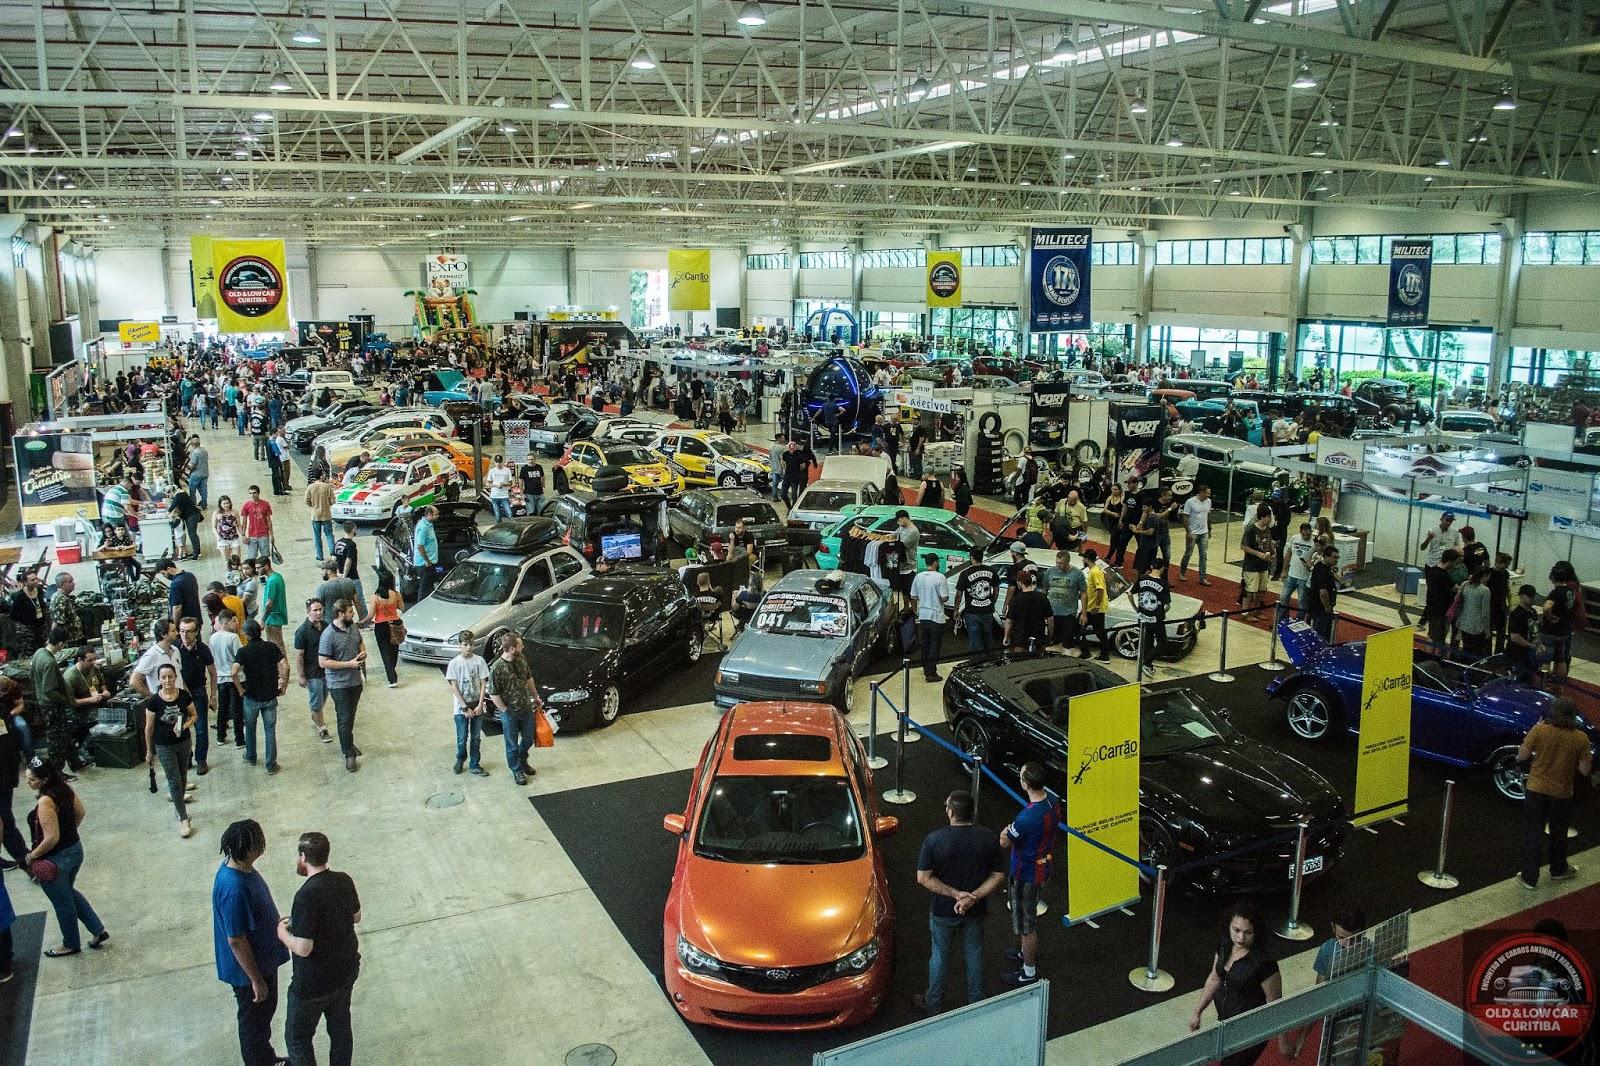 47d5552a42369 OLD   LOW CAR CURITIBA APRESENTA EXPOSIÇÕES DE CARROS E CULTURAS AUTOMOTIVAS